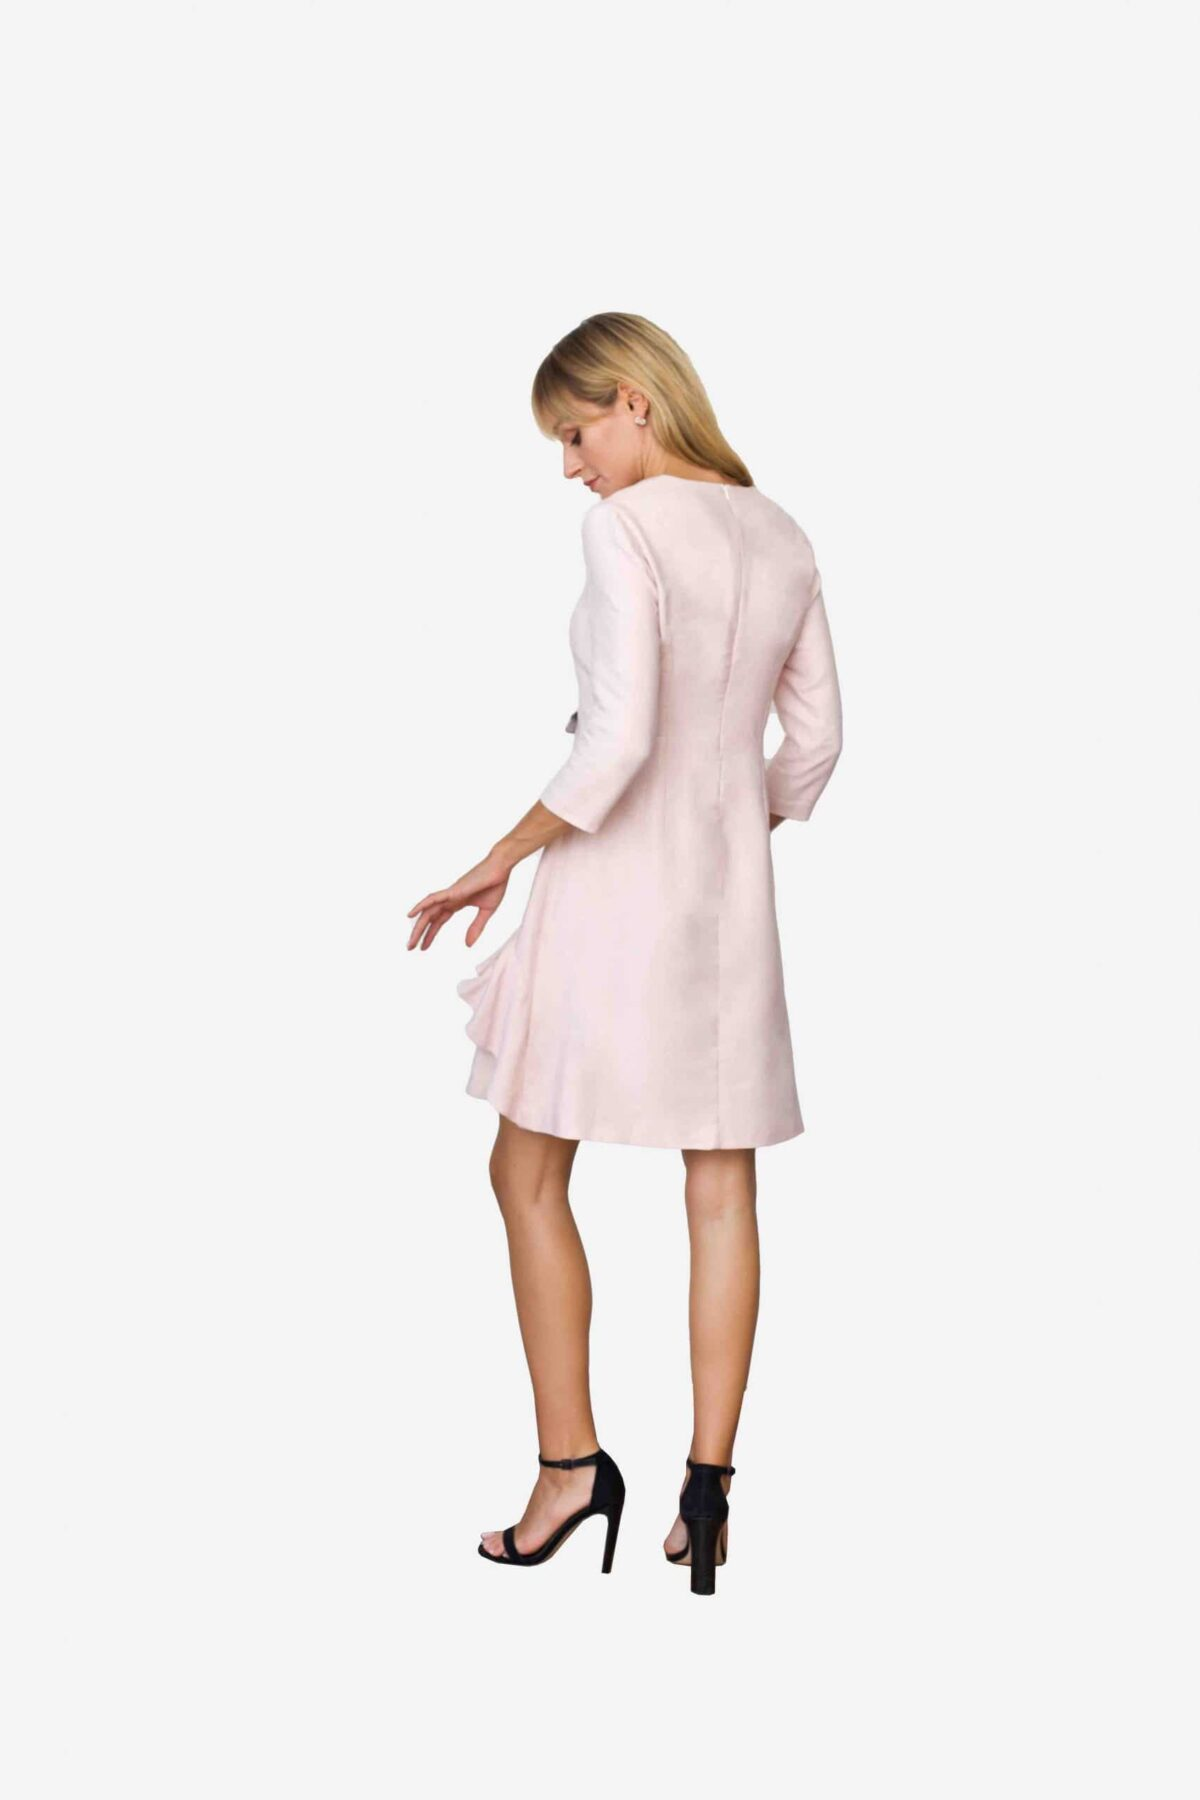 Kleid Jane von SANOGE. Rose Etuikleid mit Volant und V Ausschnitt und 3/4 Arm. Knielang. Mit Patten. Deutsche Designer Mode made in Germany.